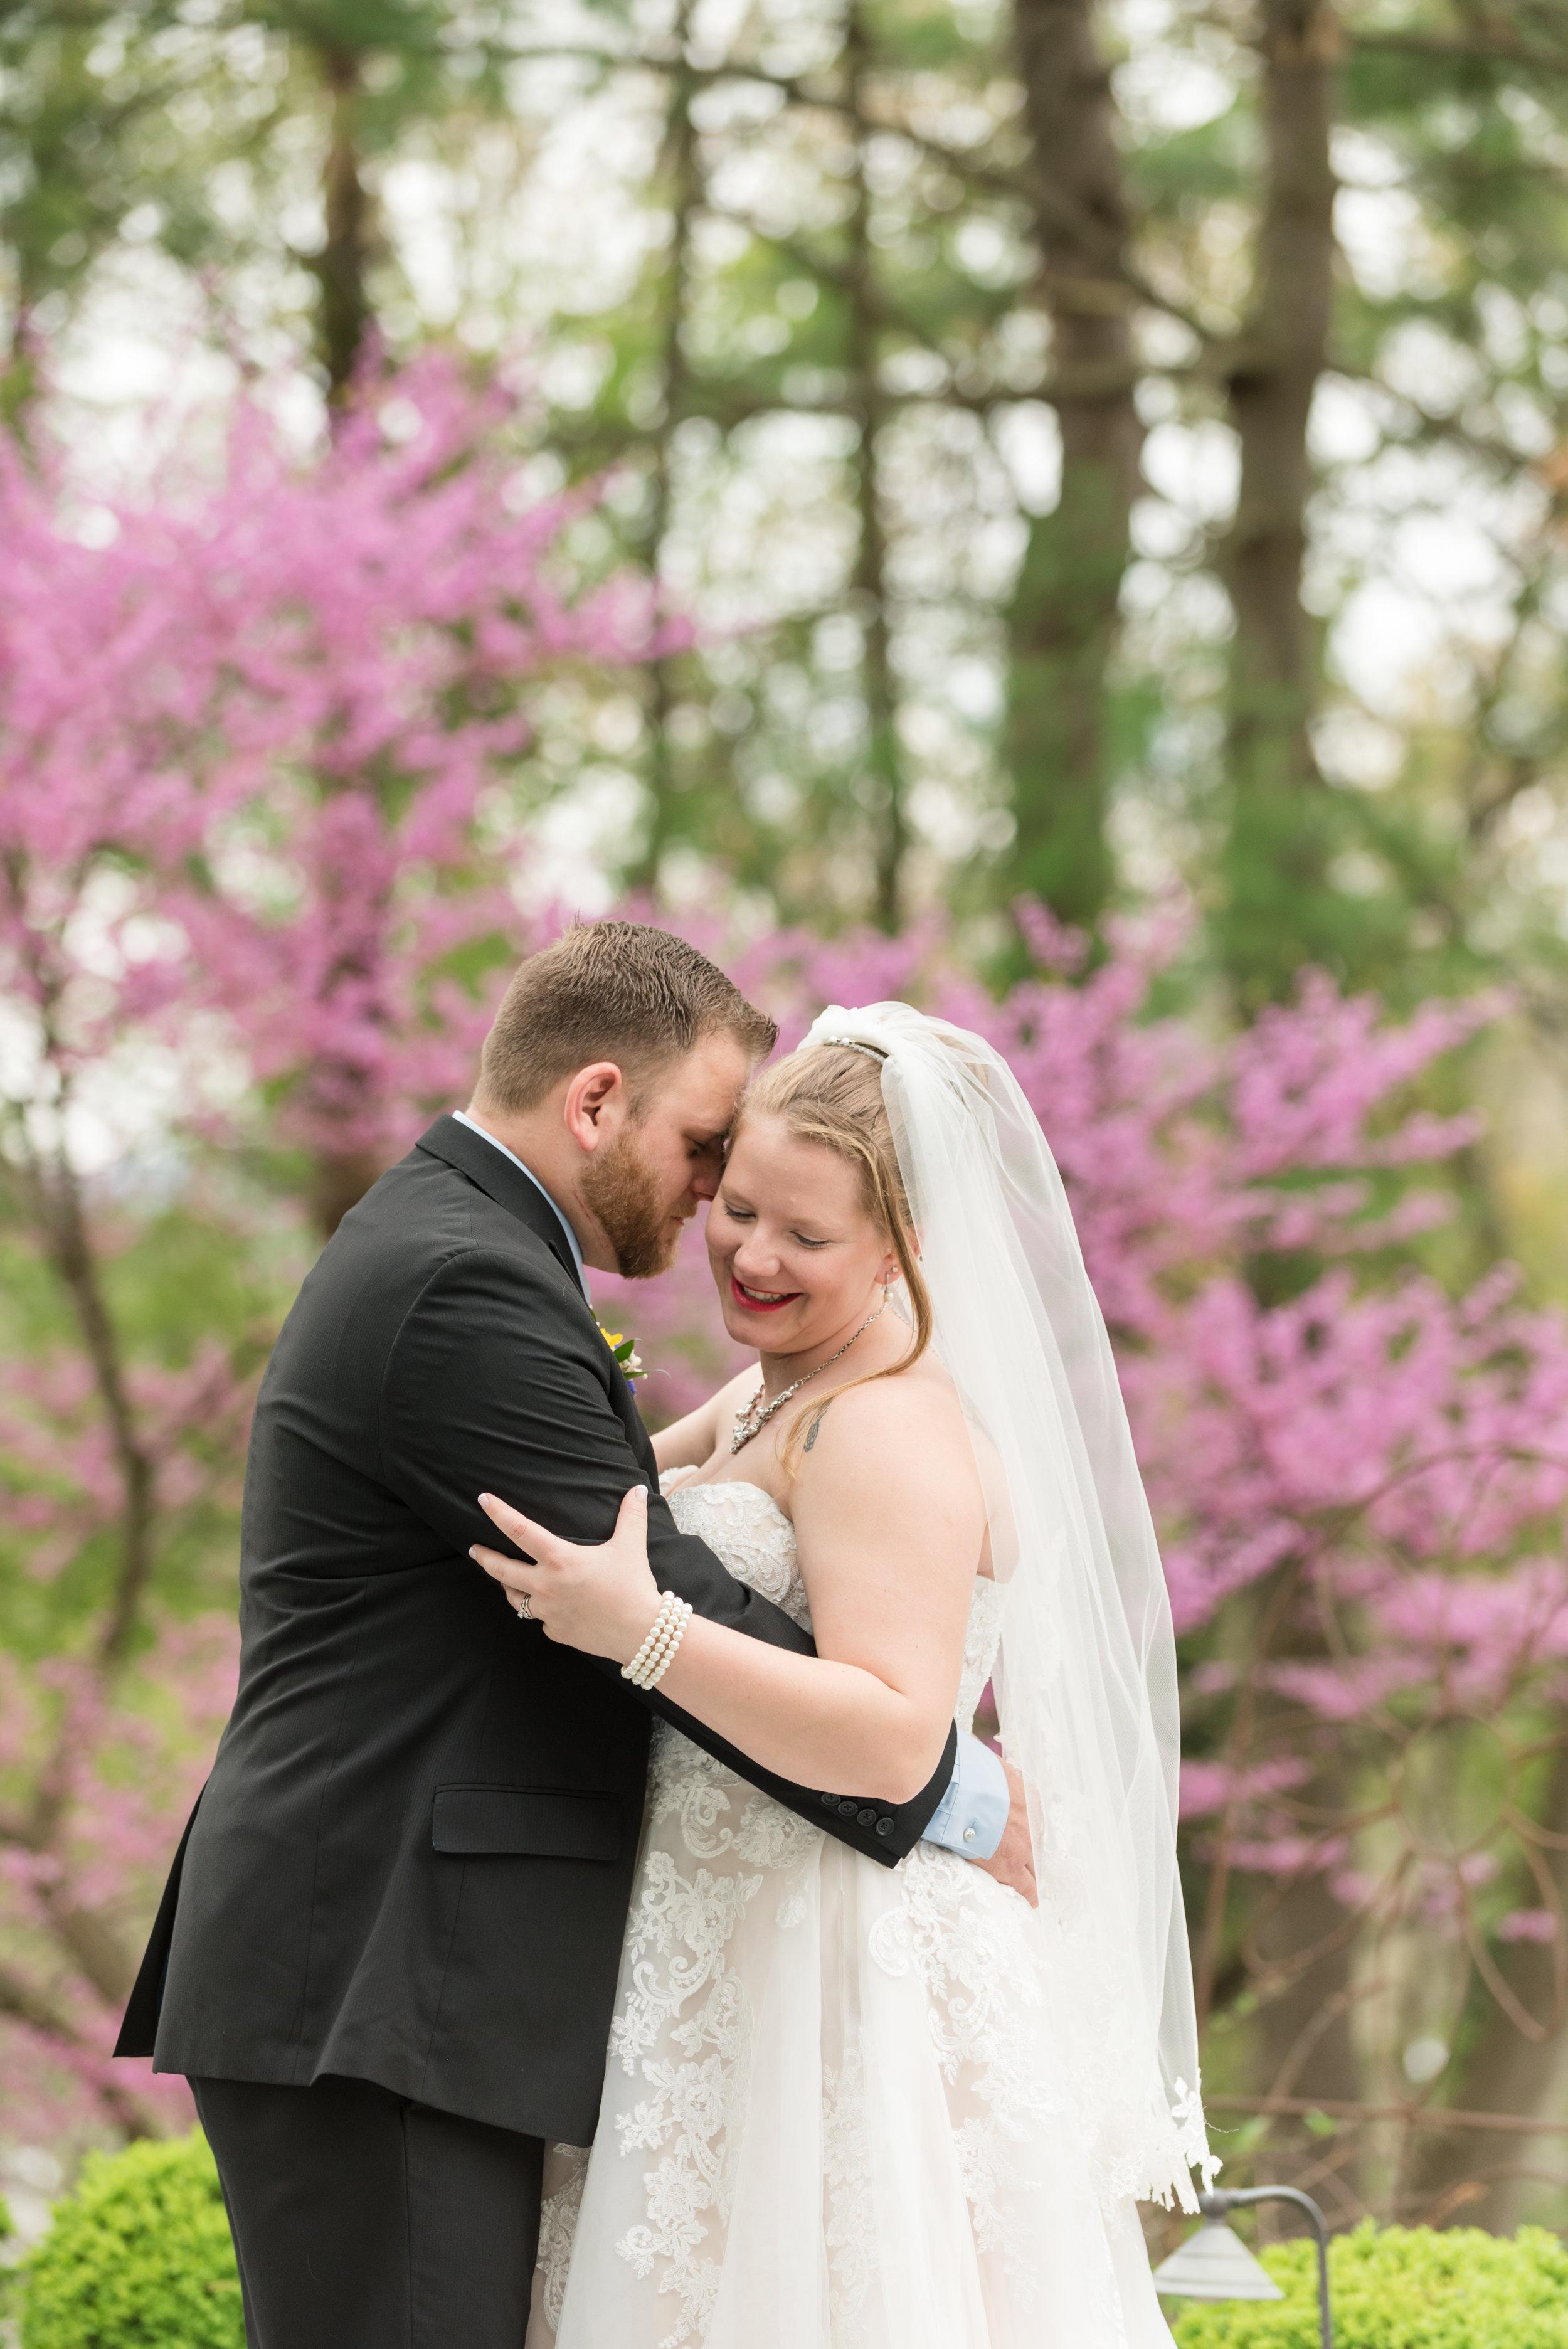 Biltmore-village-inn-weddings-005.jpg